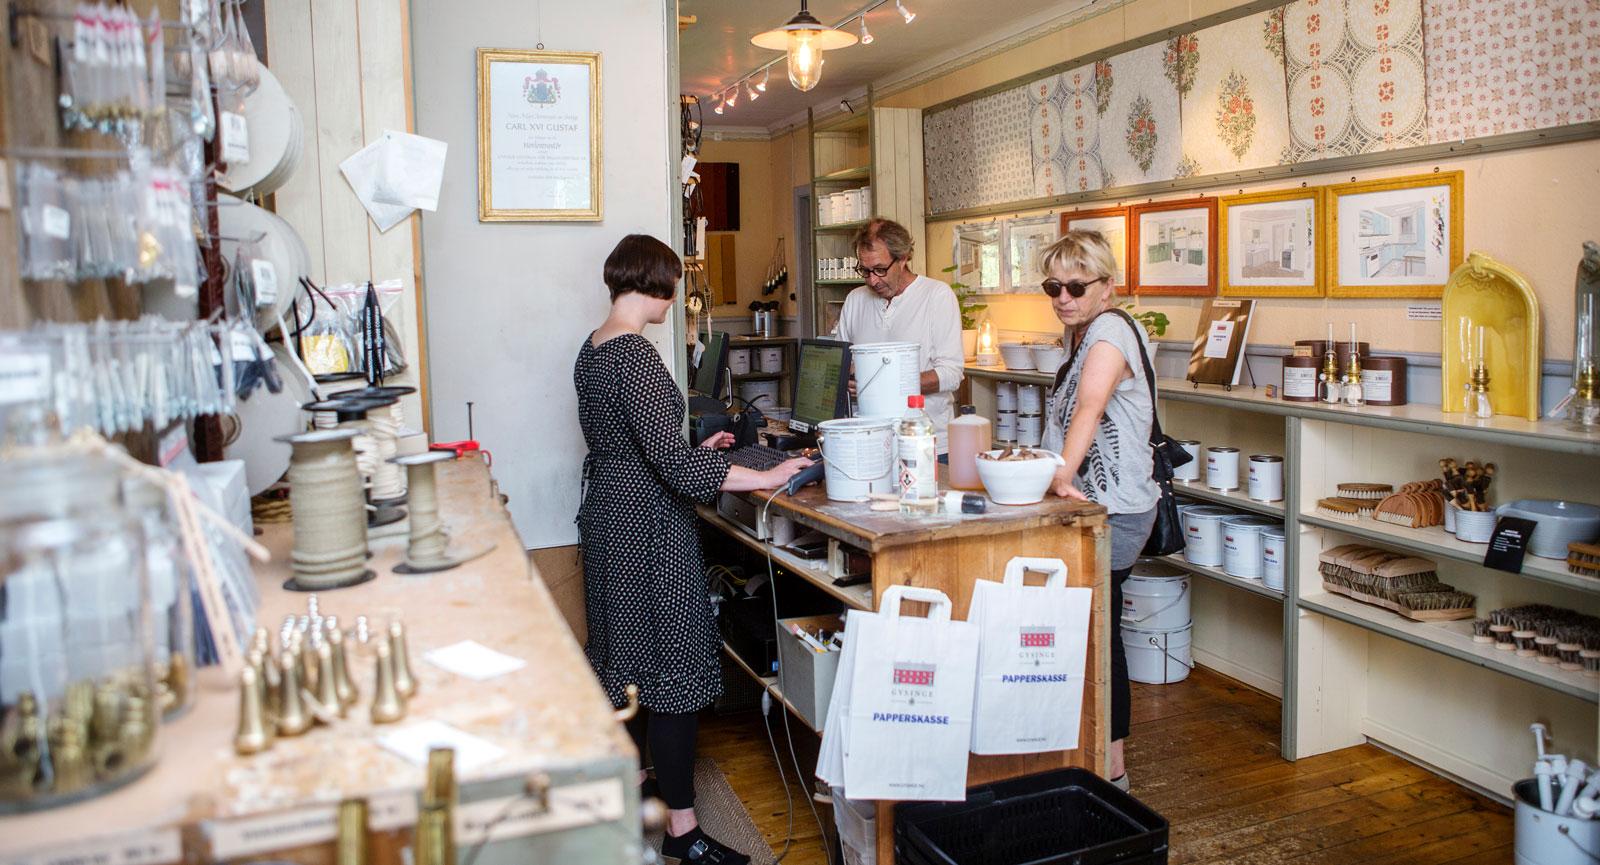 Doften av linoljefärg sprider sig i butiken. Bakom disken står Berglind Gudmundsdottir och hjälper kunderna med rådgivning i sina renoveringsprojekt.